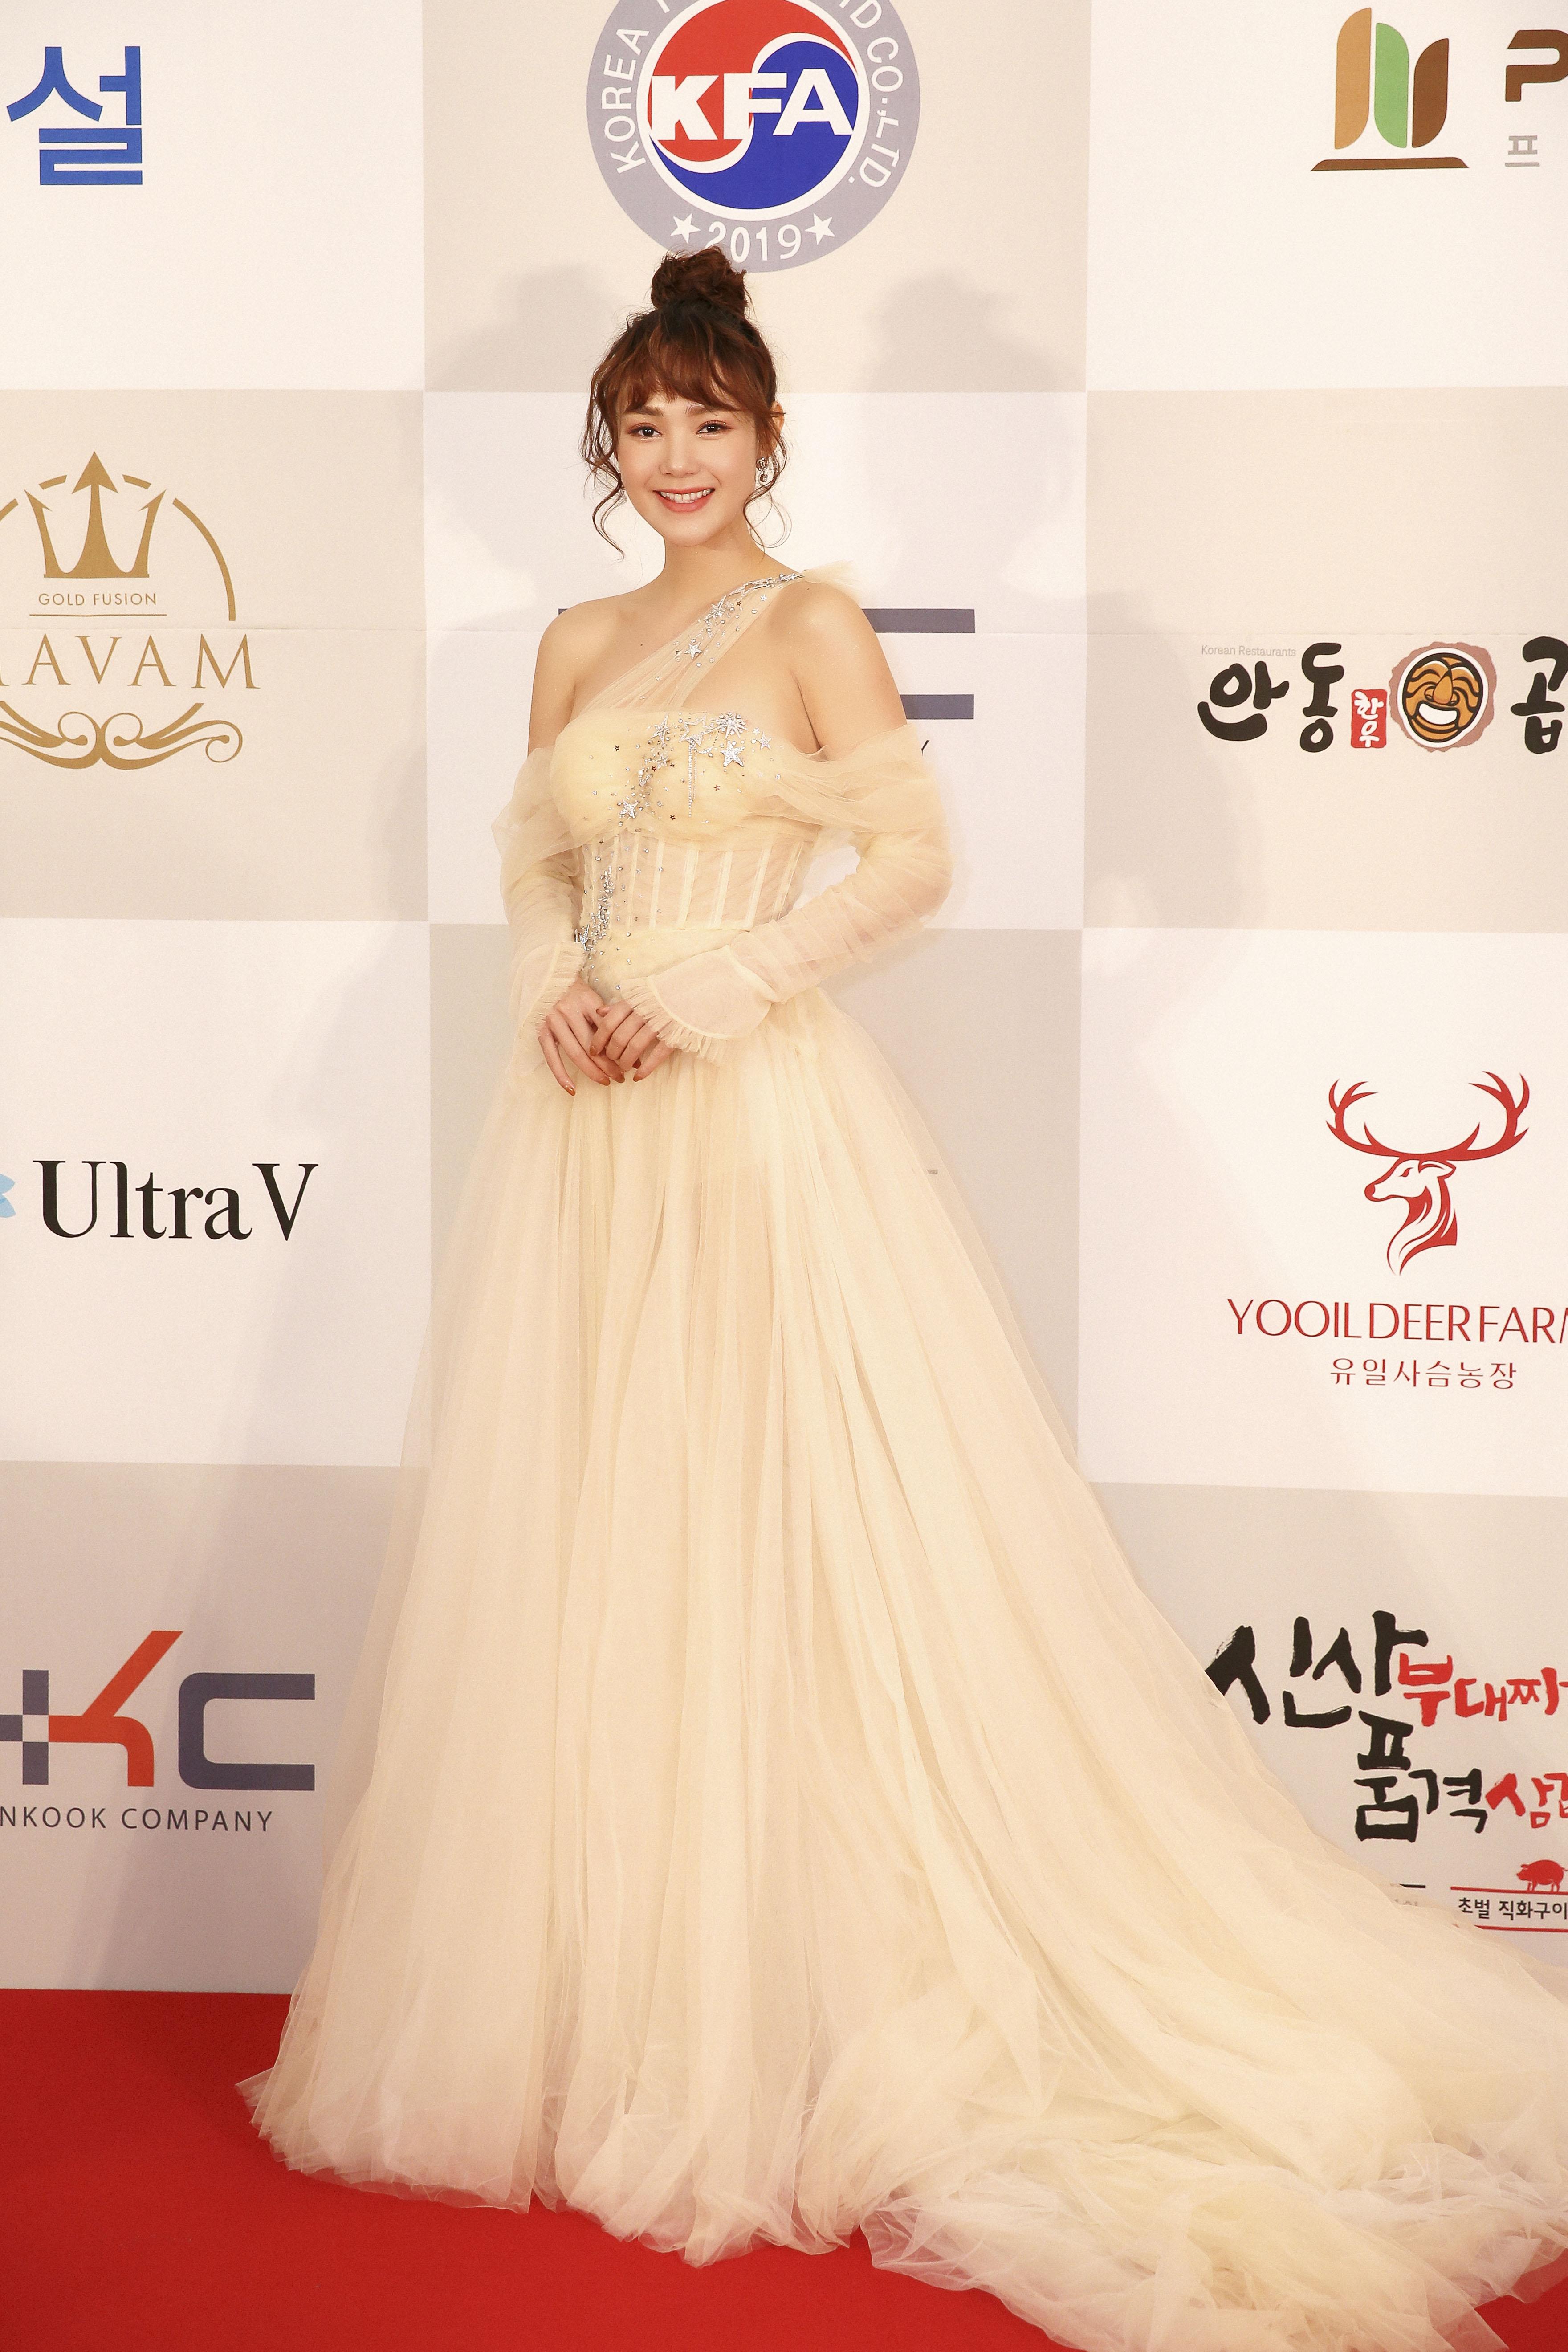 Minh Hằng lộng lẫy như nữ thần, phát biểu tiếng Hàn lưu loát khi nhận giải Nghệ sĩ châu Á xuất sắc tại Hàn Quốc